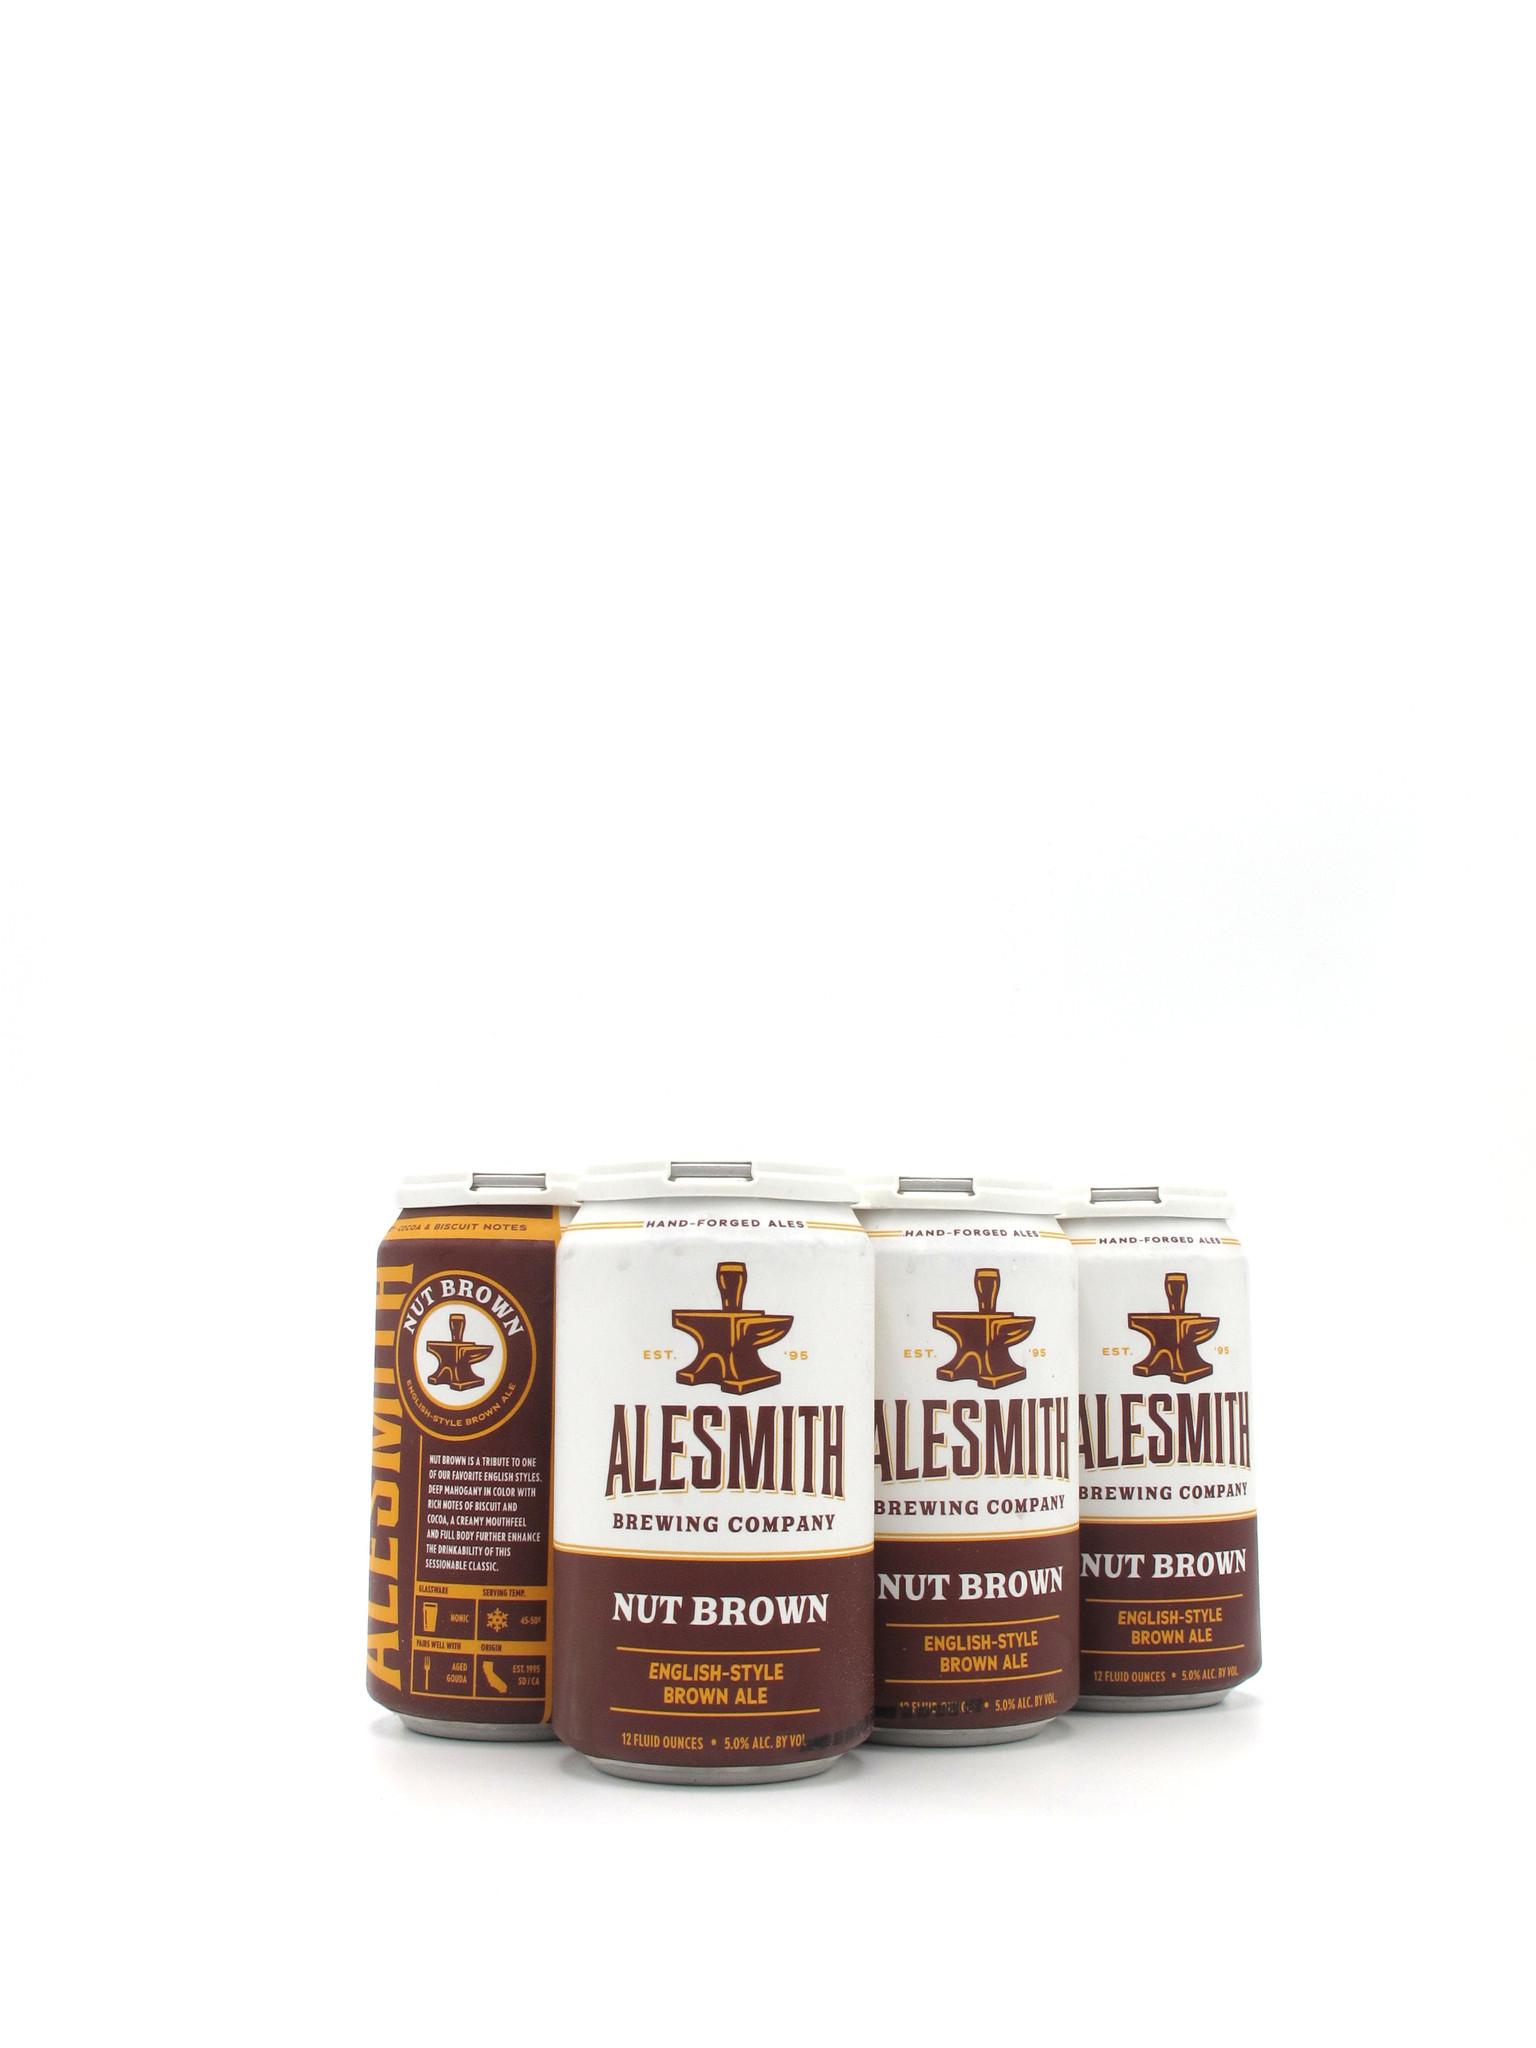 AleSmith Brewing Company AleSmith Brewing Co. Nut Brown English Ale 12oz 6pk